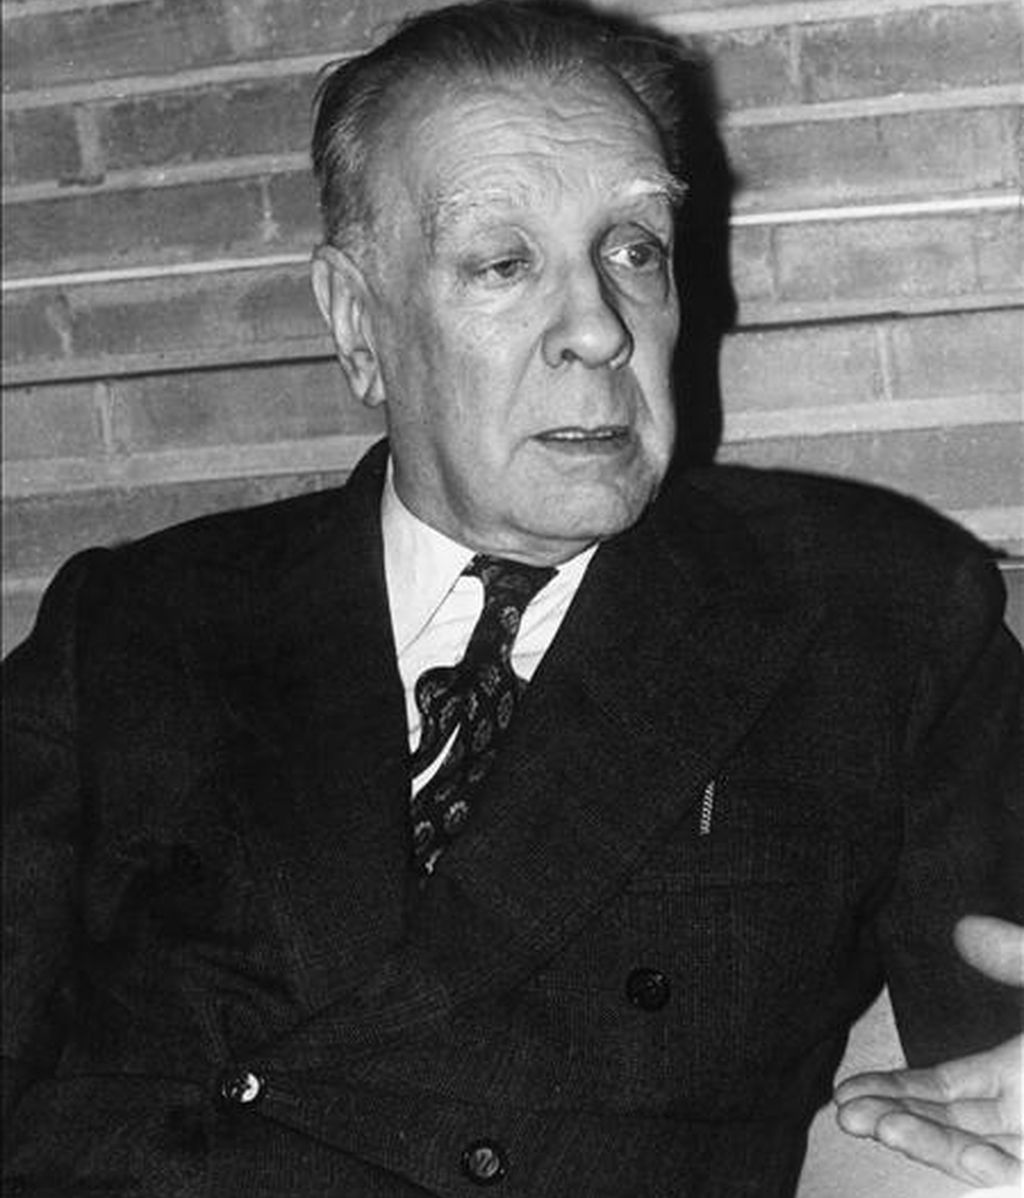 Fotografía de archivo fechada el 24 de abril de 1973 en Madrid del escritor argentino Jorge Luis Borges. EFE/Archivo